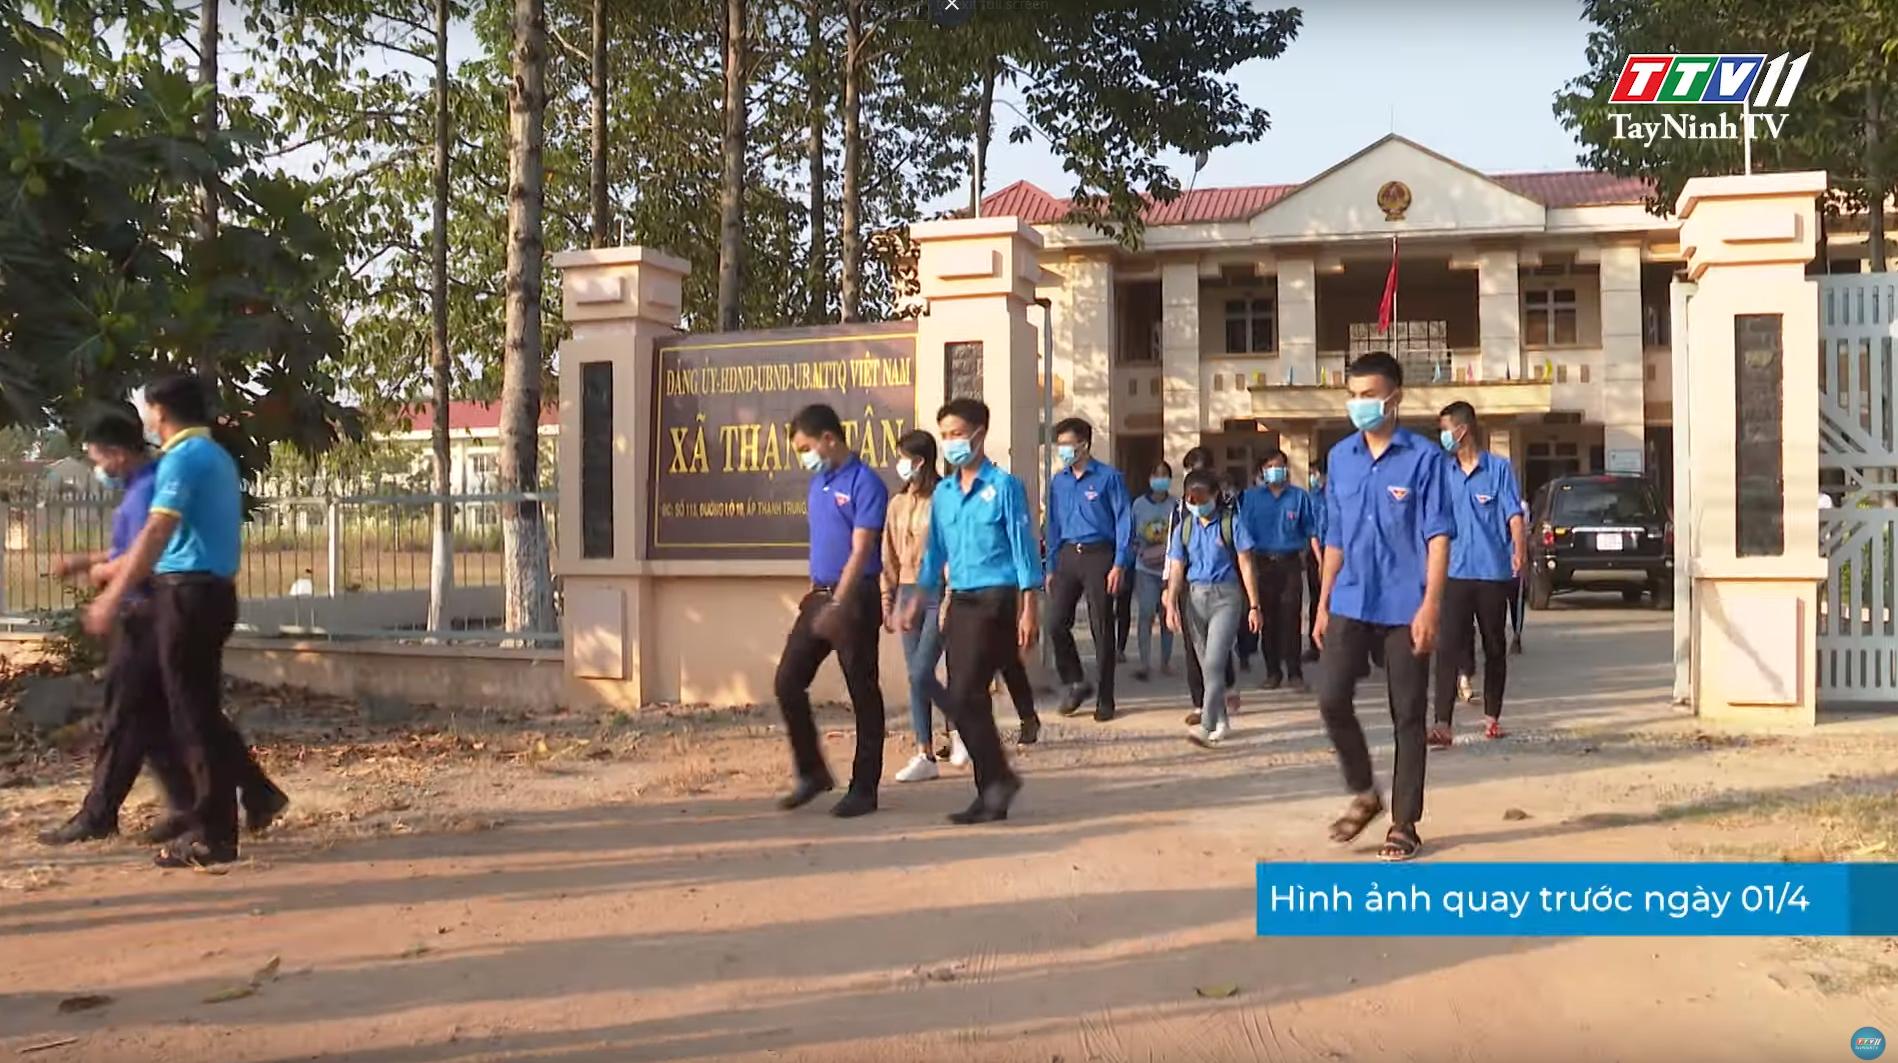 Tuổi trẻ Tây Ninh tự hào tiến bước dưới cờ Đoàn quang vinh | THANH NIÊN | TayNinhTV